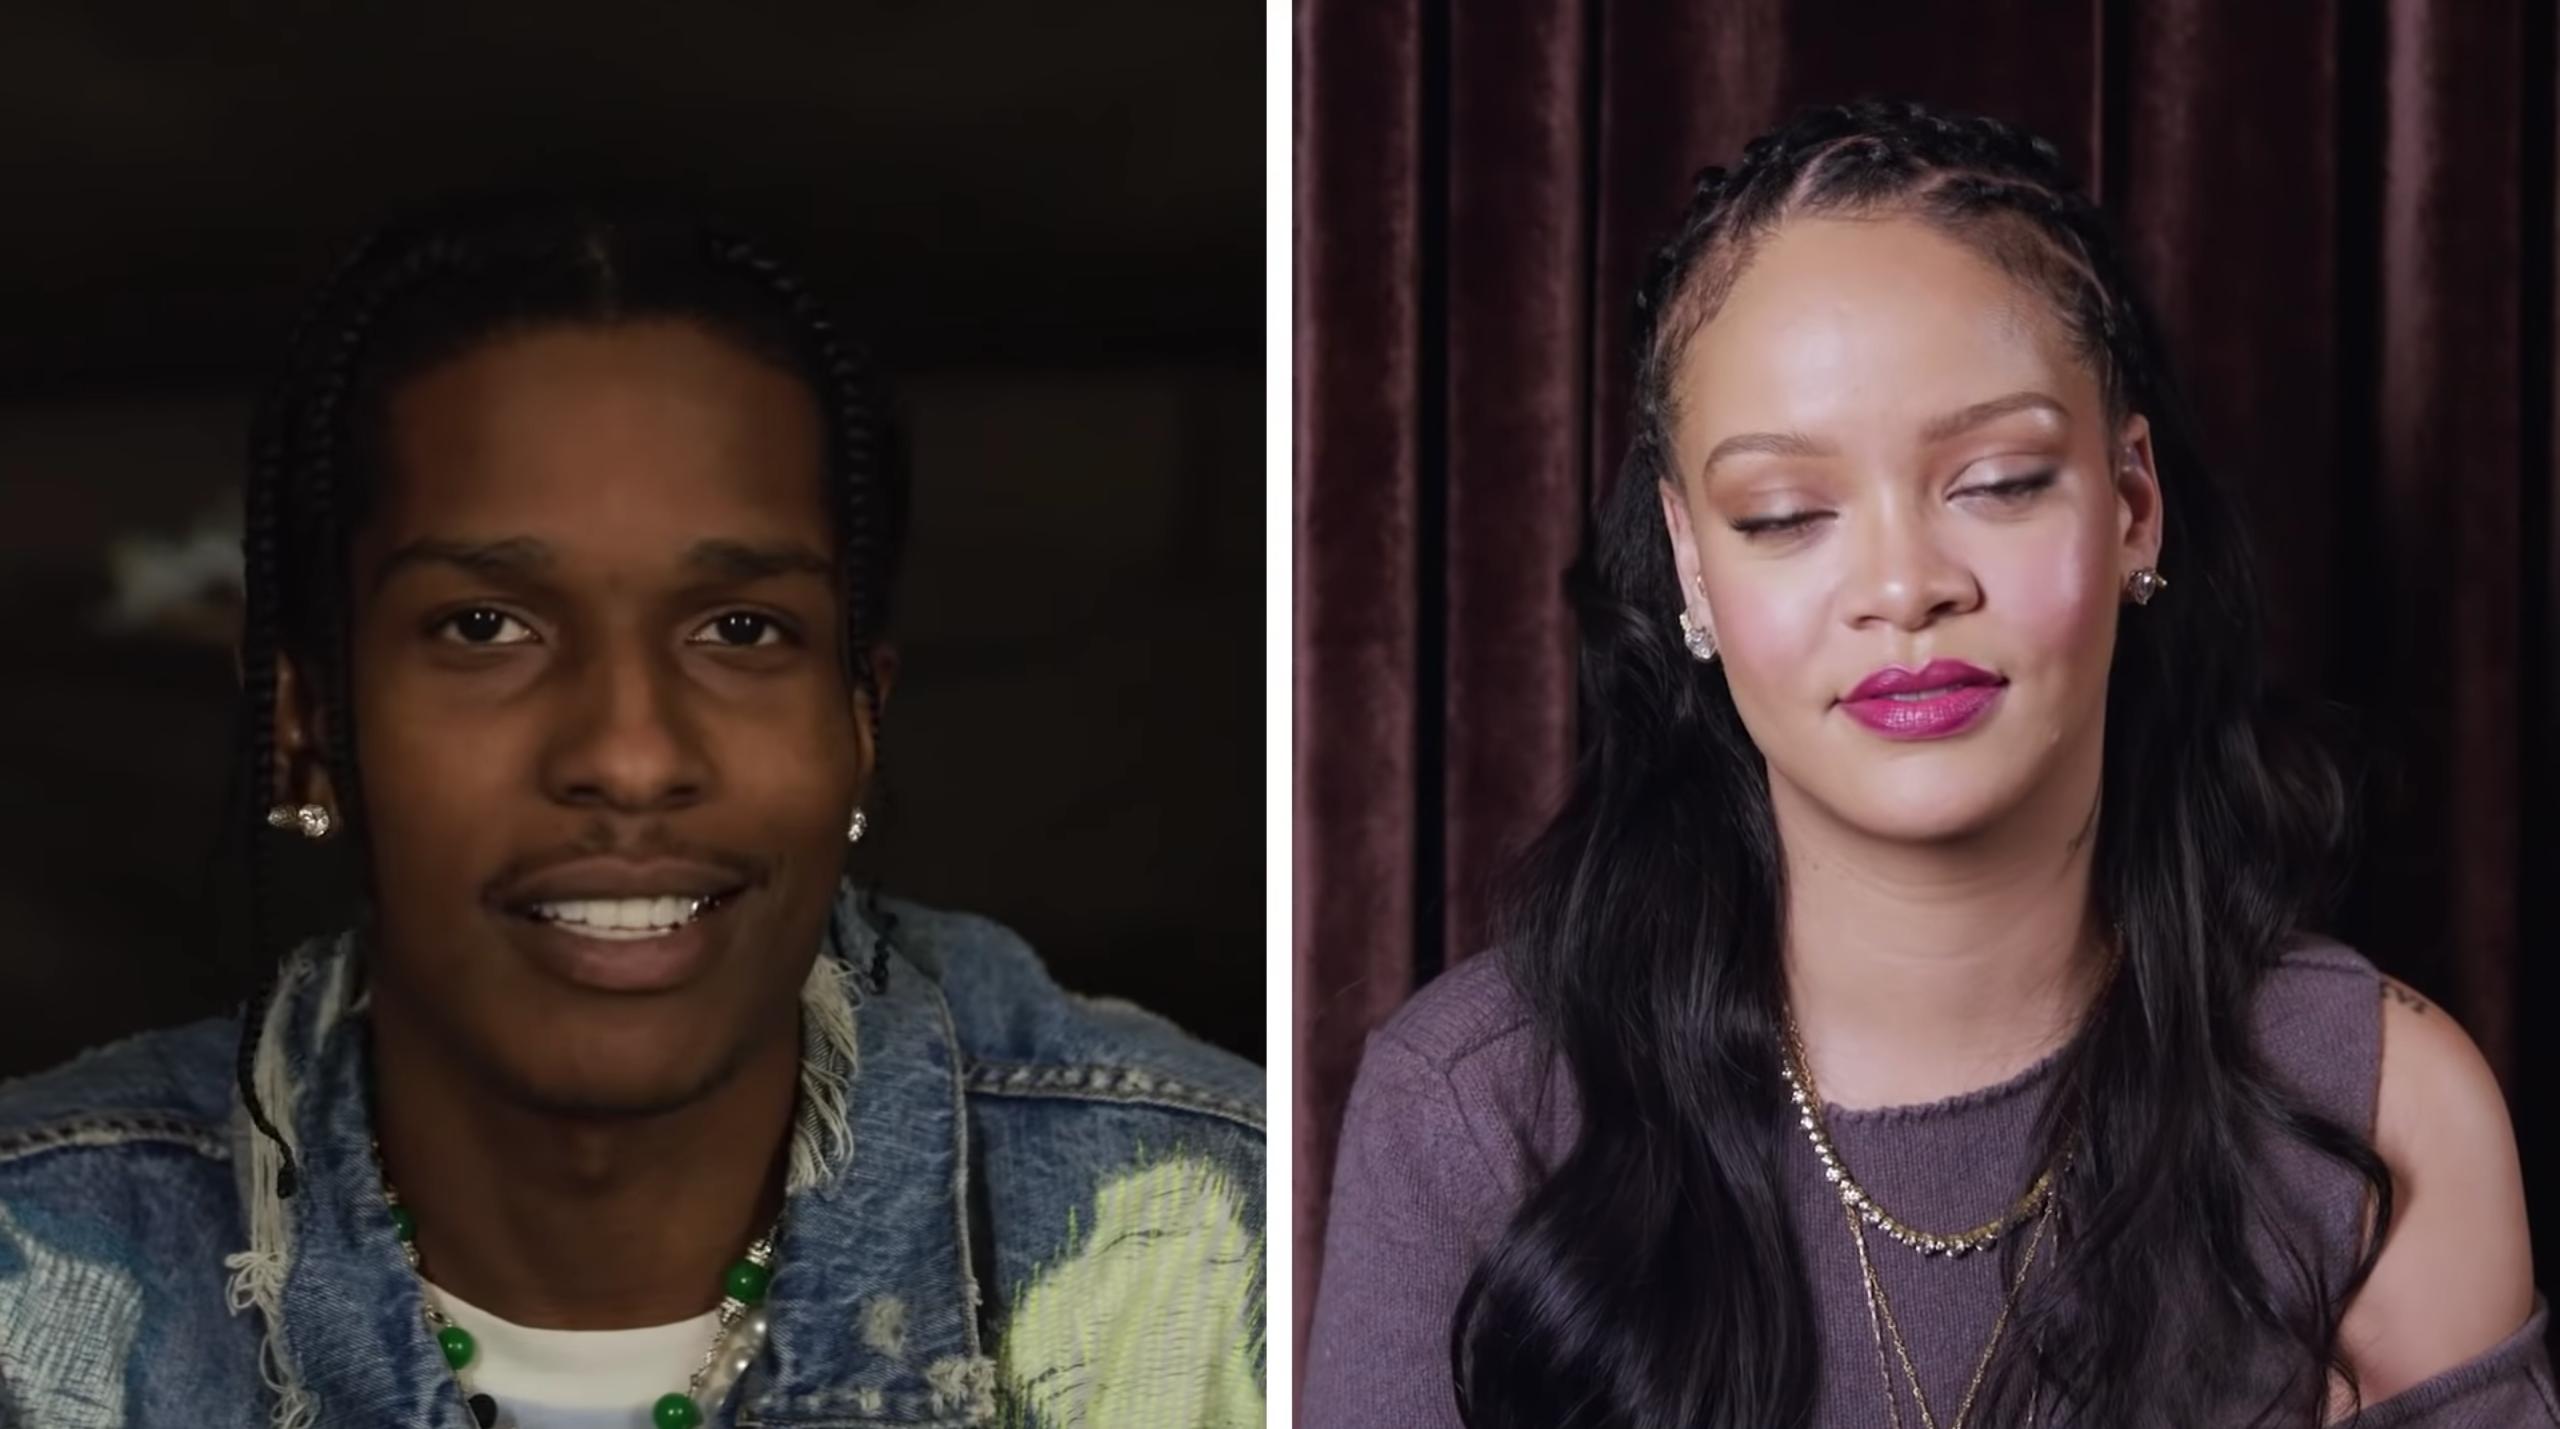 ASAP Rocky & Rihanna Interview Each other for Vogue & GQ